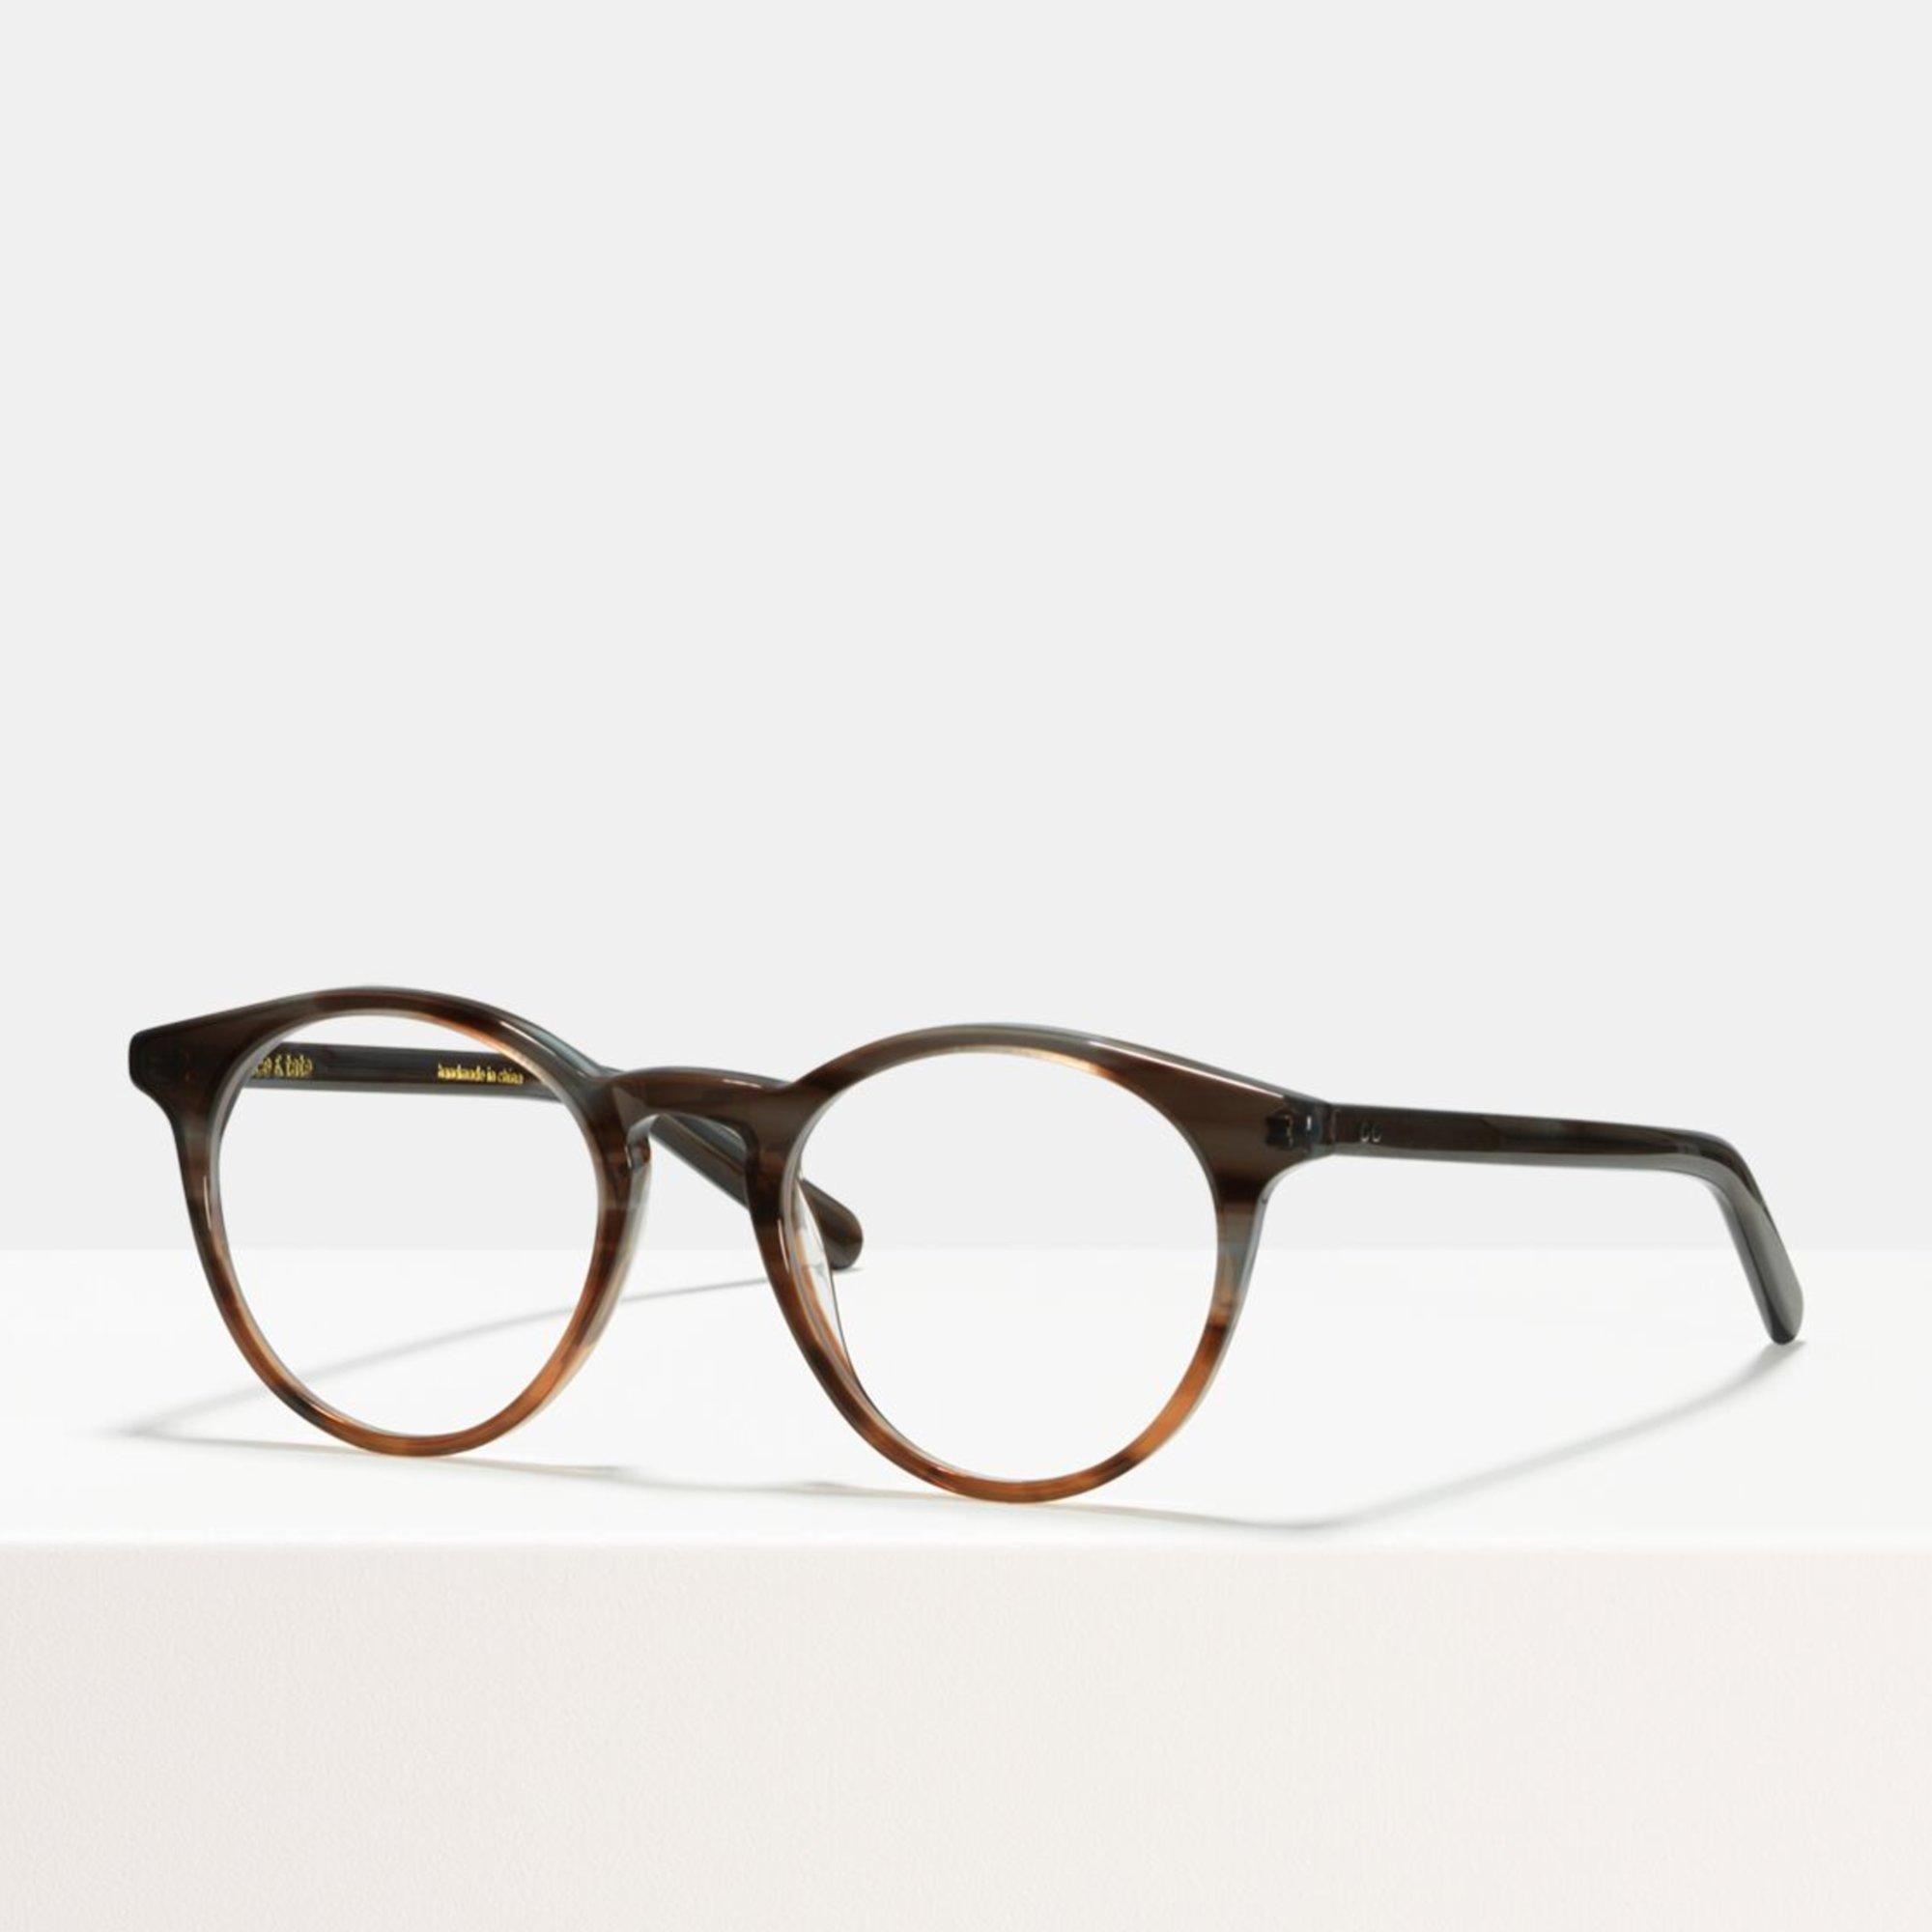 Ace & Tate Glasses | rund Acetat in Braun, Grau, Orange